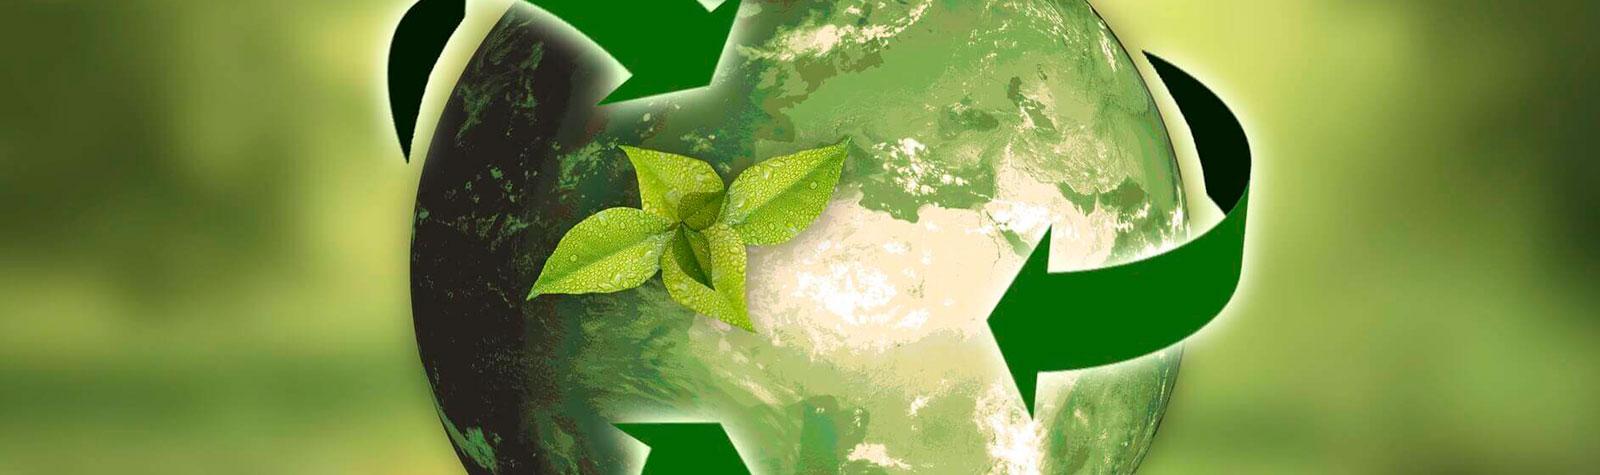 Reciclaje en tiempos de Pandemia